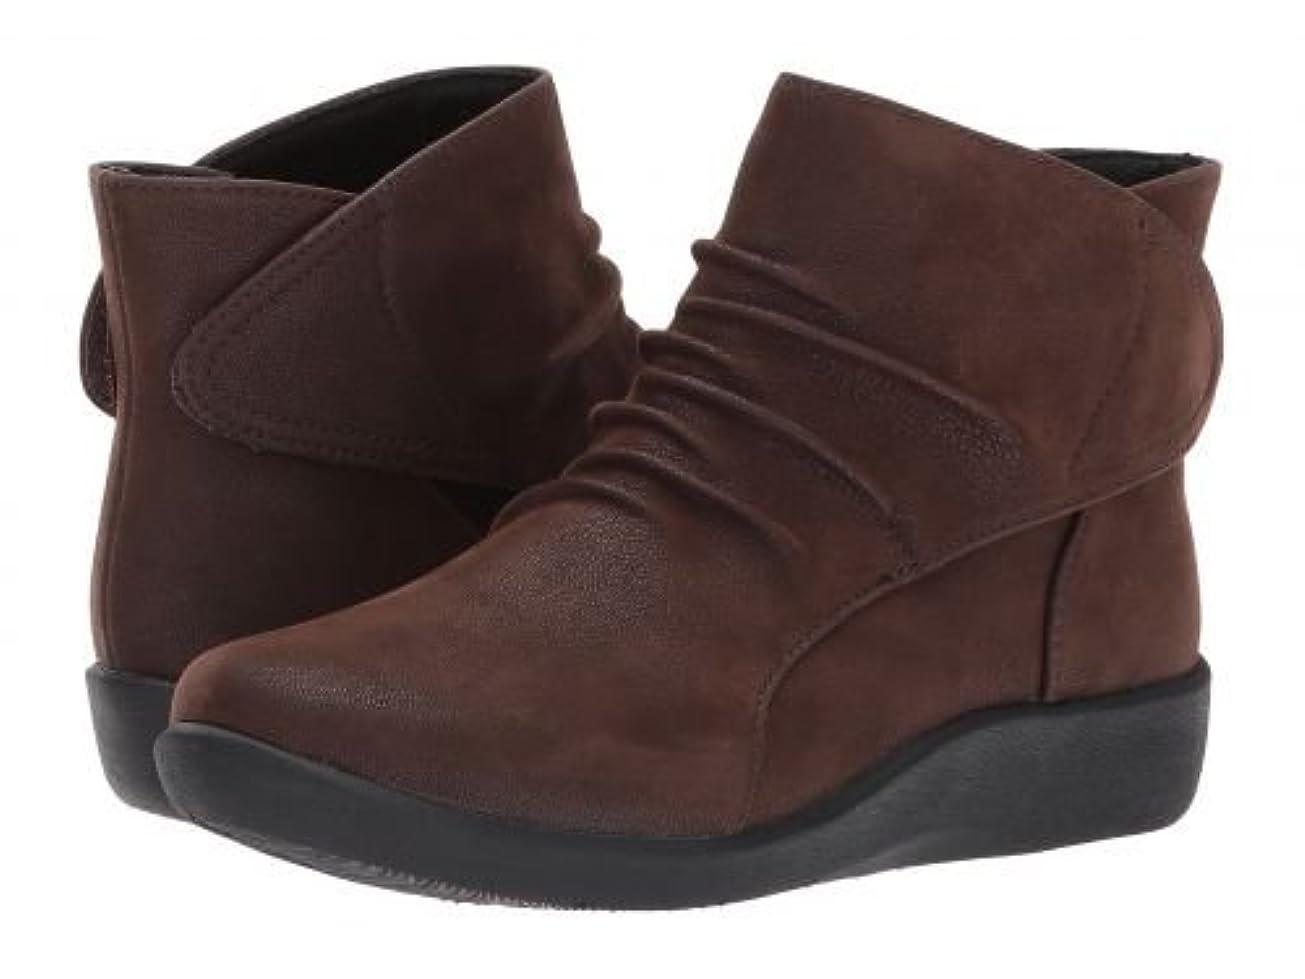 動奇妙なピーブClarks(クラークス) レディース 女性用 シューズ 靴 ブーツ アンクルブーツ ショート Sillian Sway - Brown [並行輸入品]